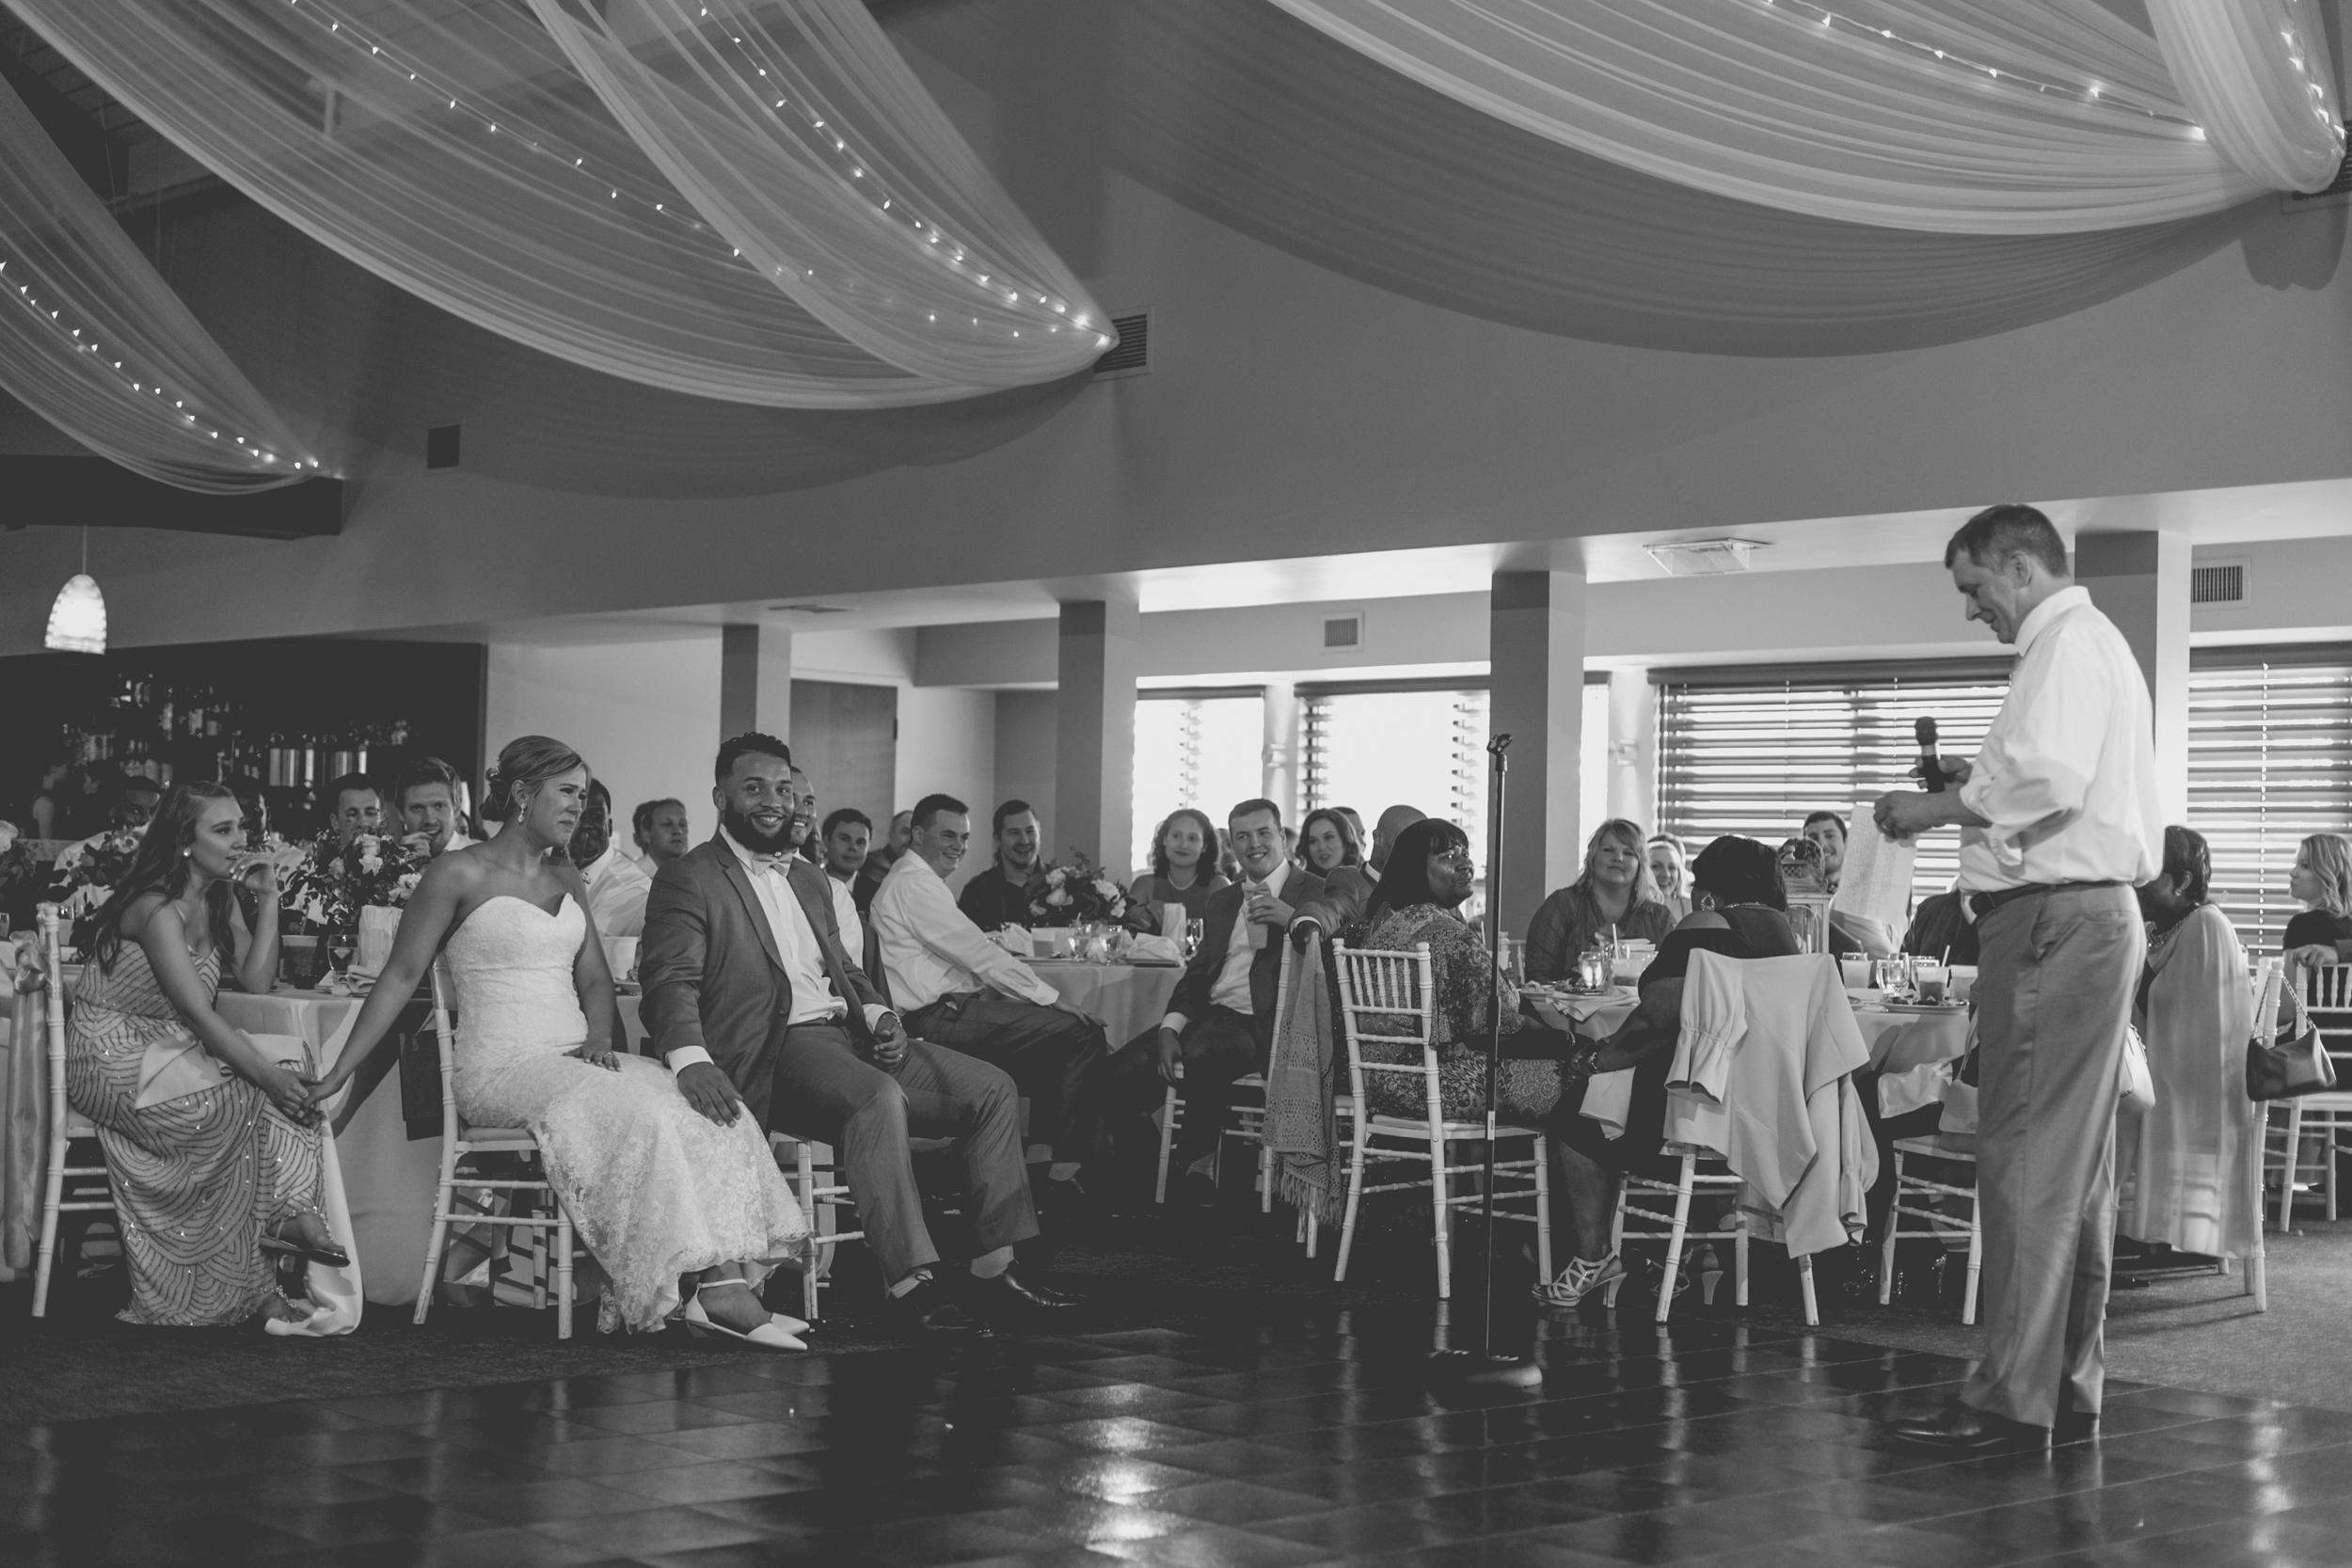 dellwood country club wedding*, Dellwood Country Club*, golf course wedding*, green golf course*, rose pink wedding details*-www.rachelsmak.com67.jpg